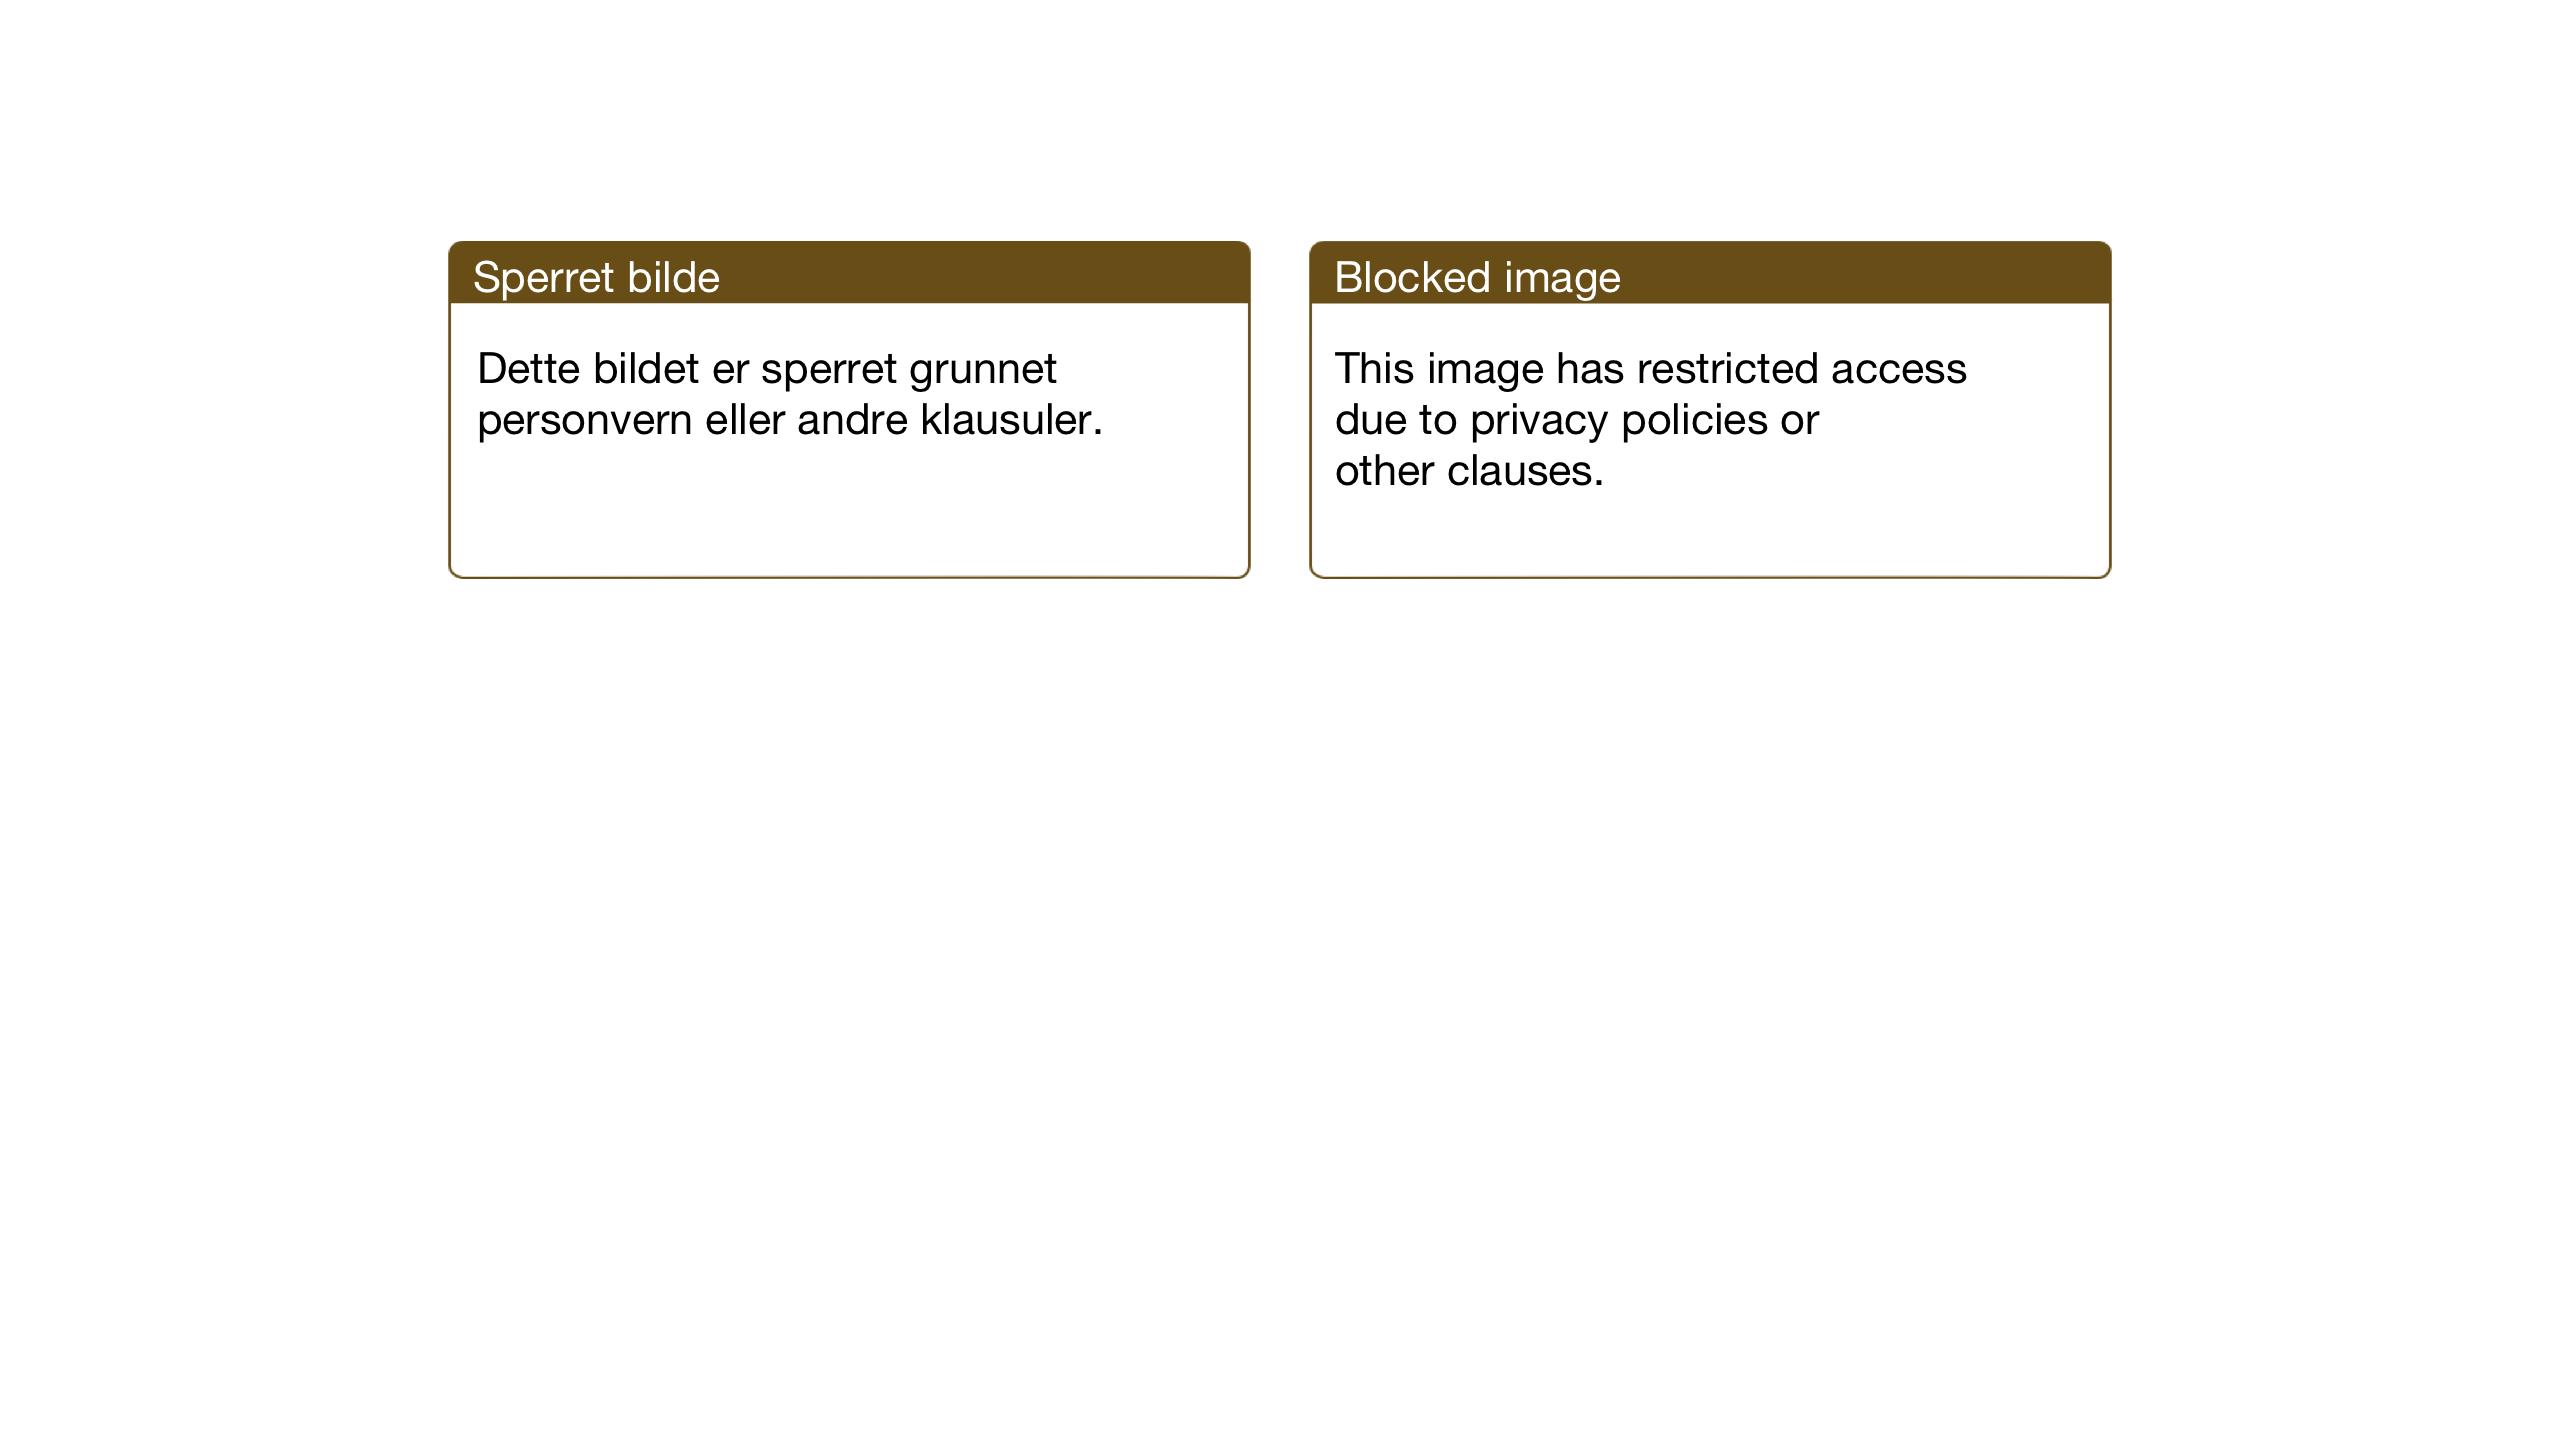 SAT, Ministerialprotokoller, klokkerbøker og fødselsregistre - Sør-Trøndelag, 682/L0947: Klokkerbok nr. 682C01, 1926-1968, s. 9